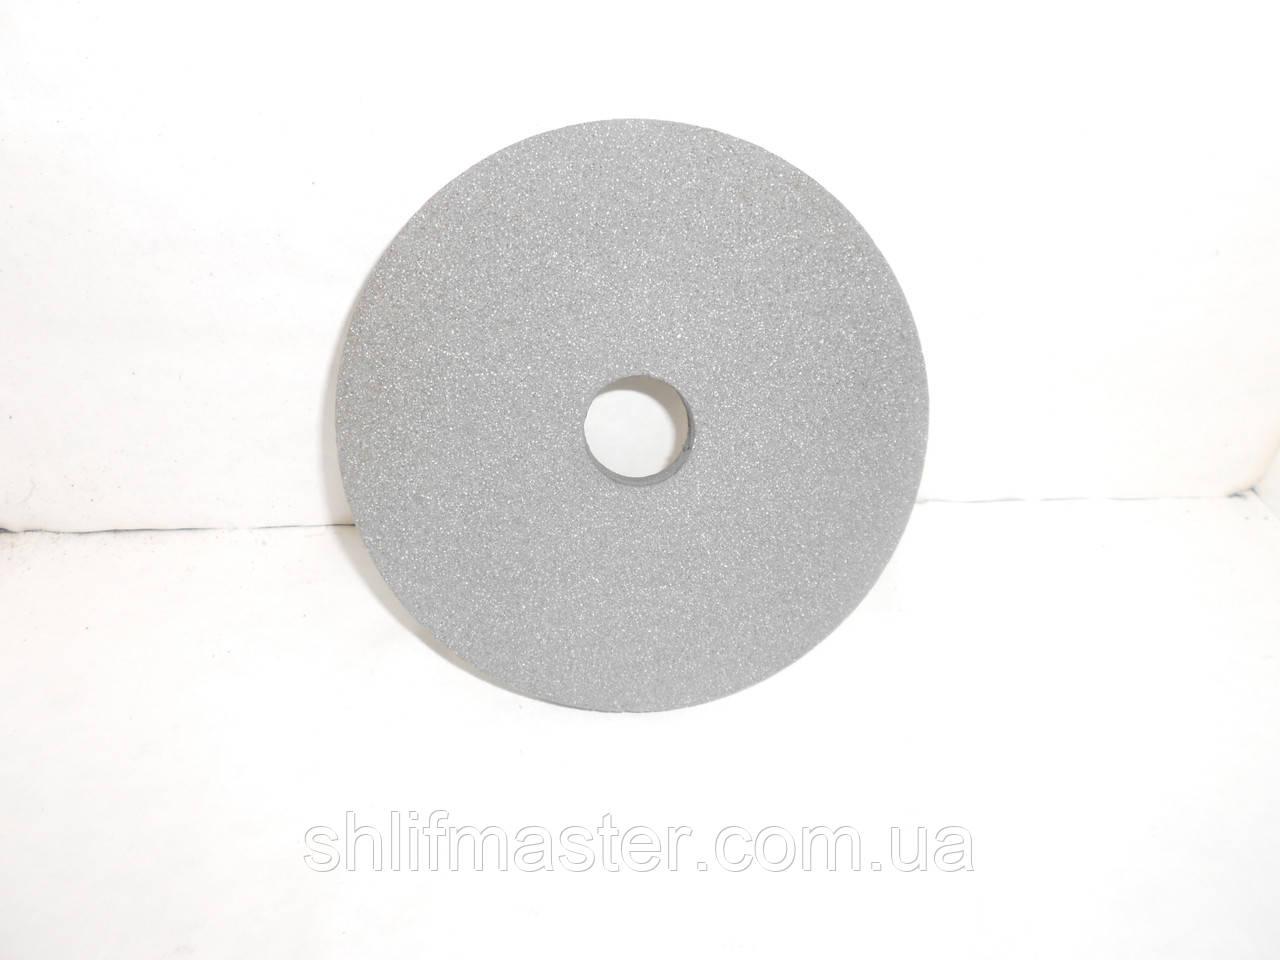 Круг шлифовальный 14А (электрокорунд серый) ПП на керамической связке 75х25х20 16 С1, 90 С1